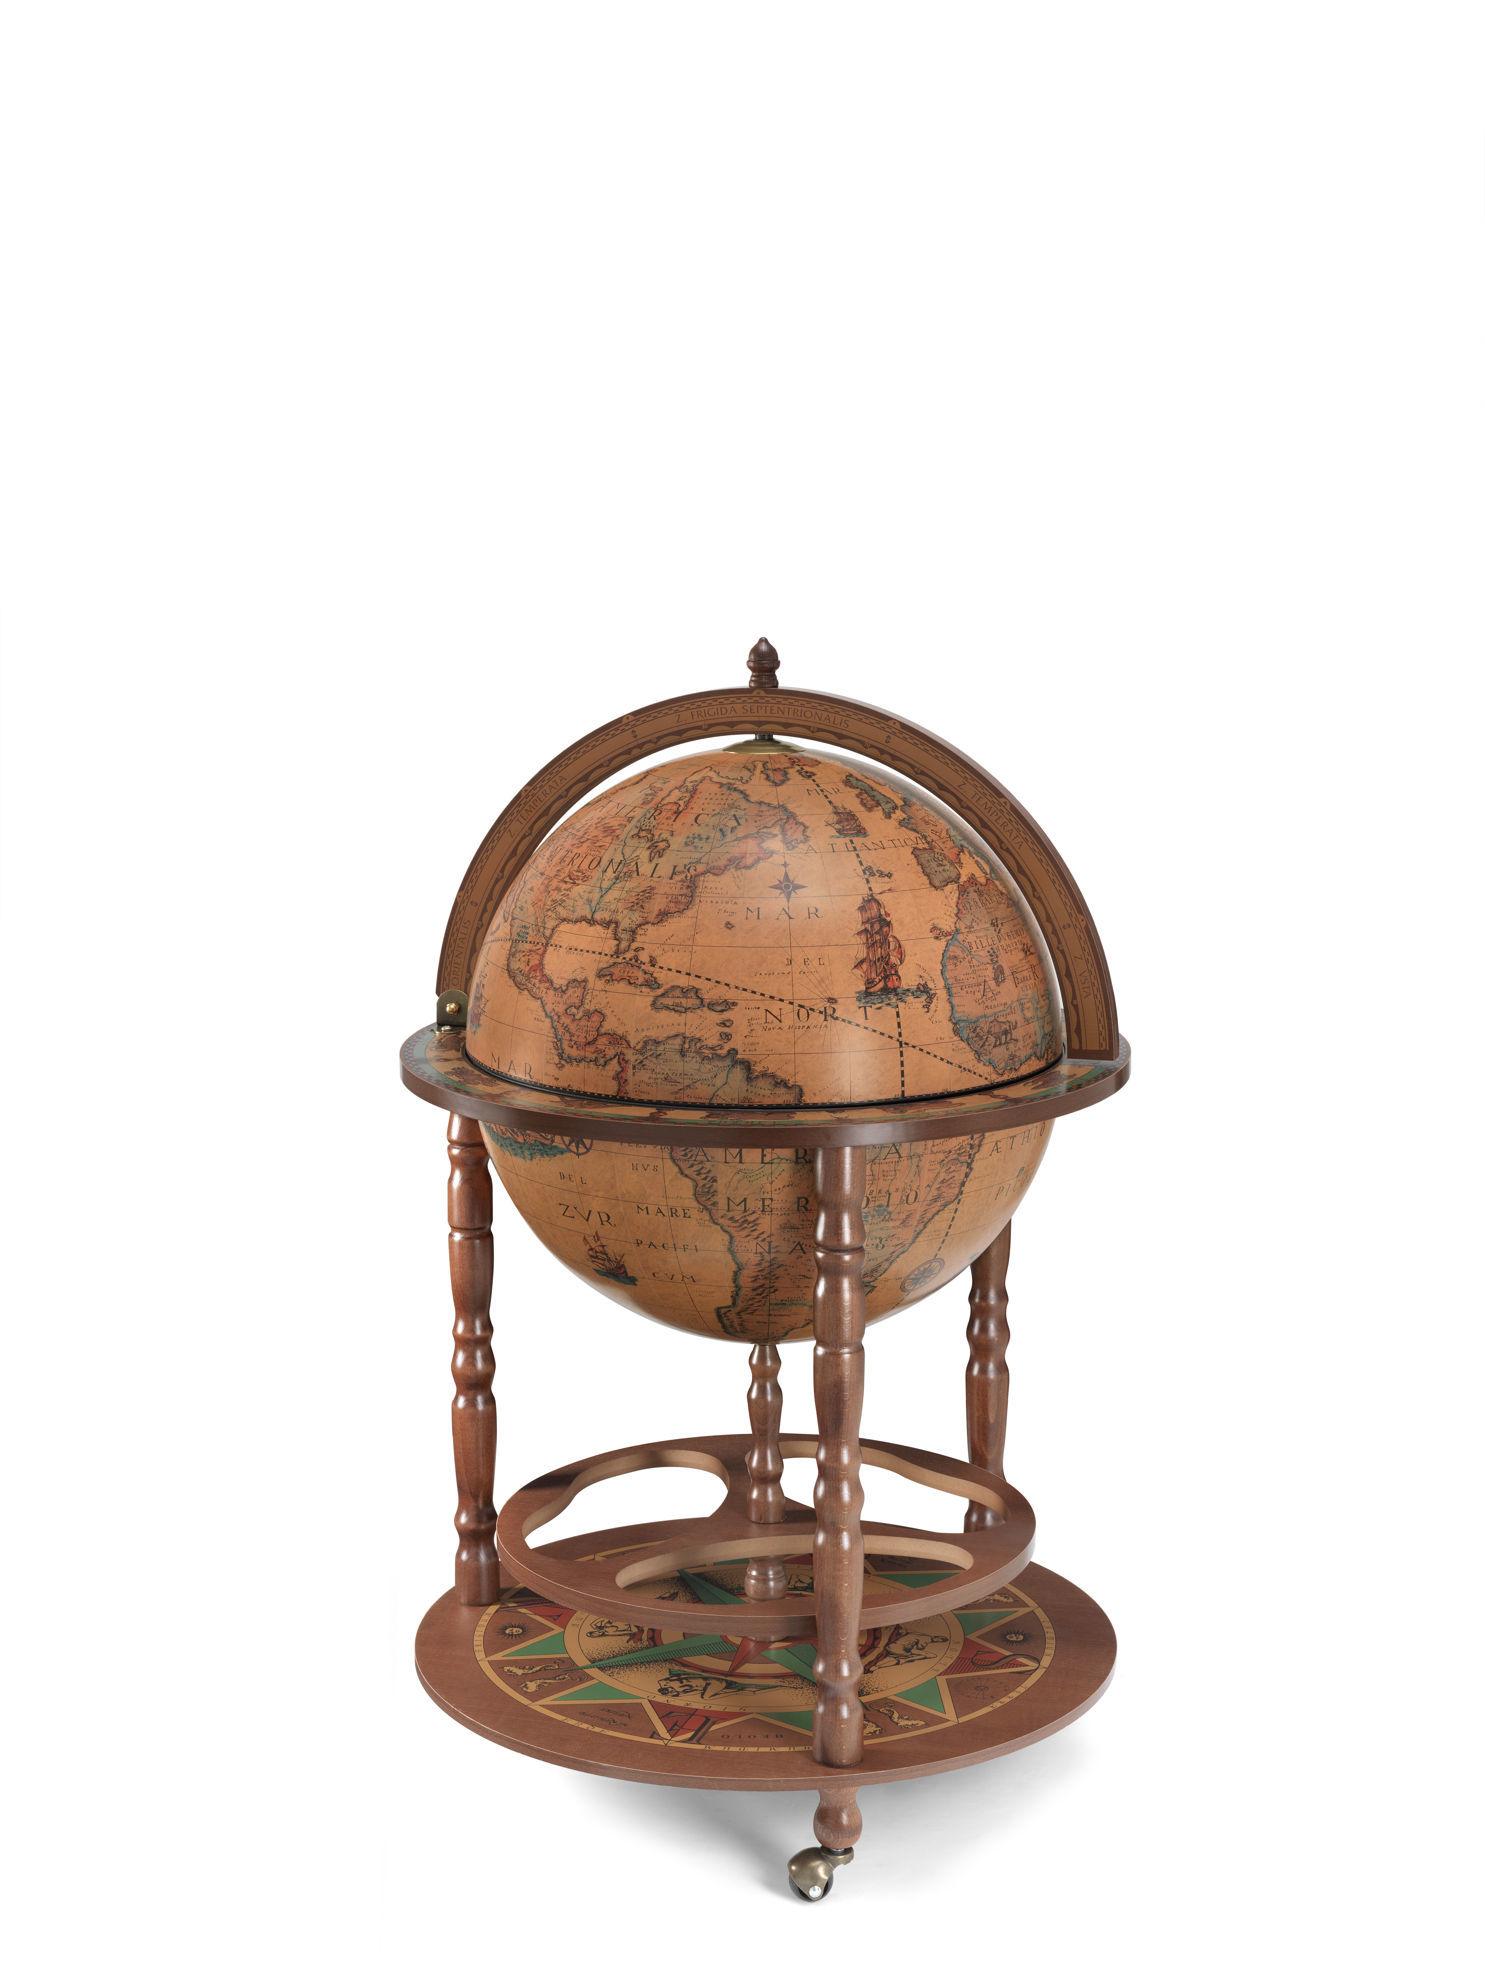 Obrázek Bar Globus Calipso